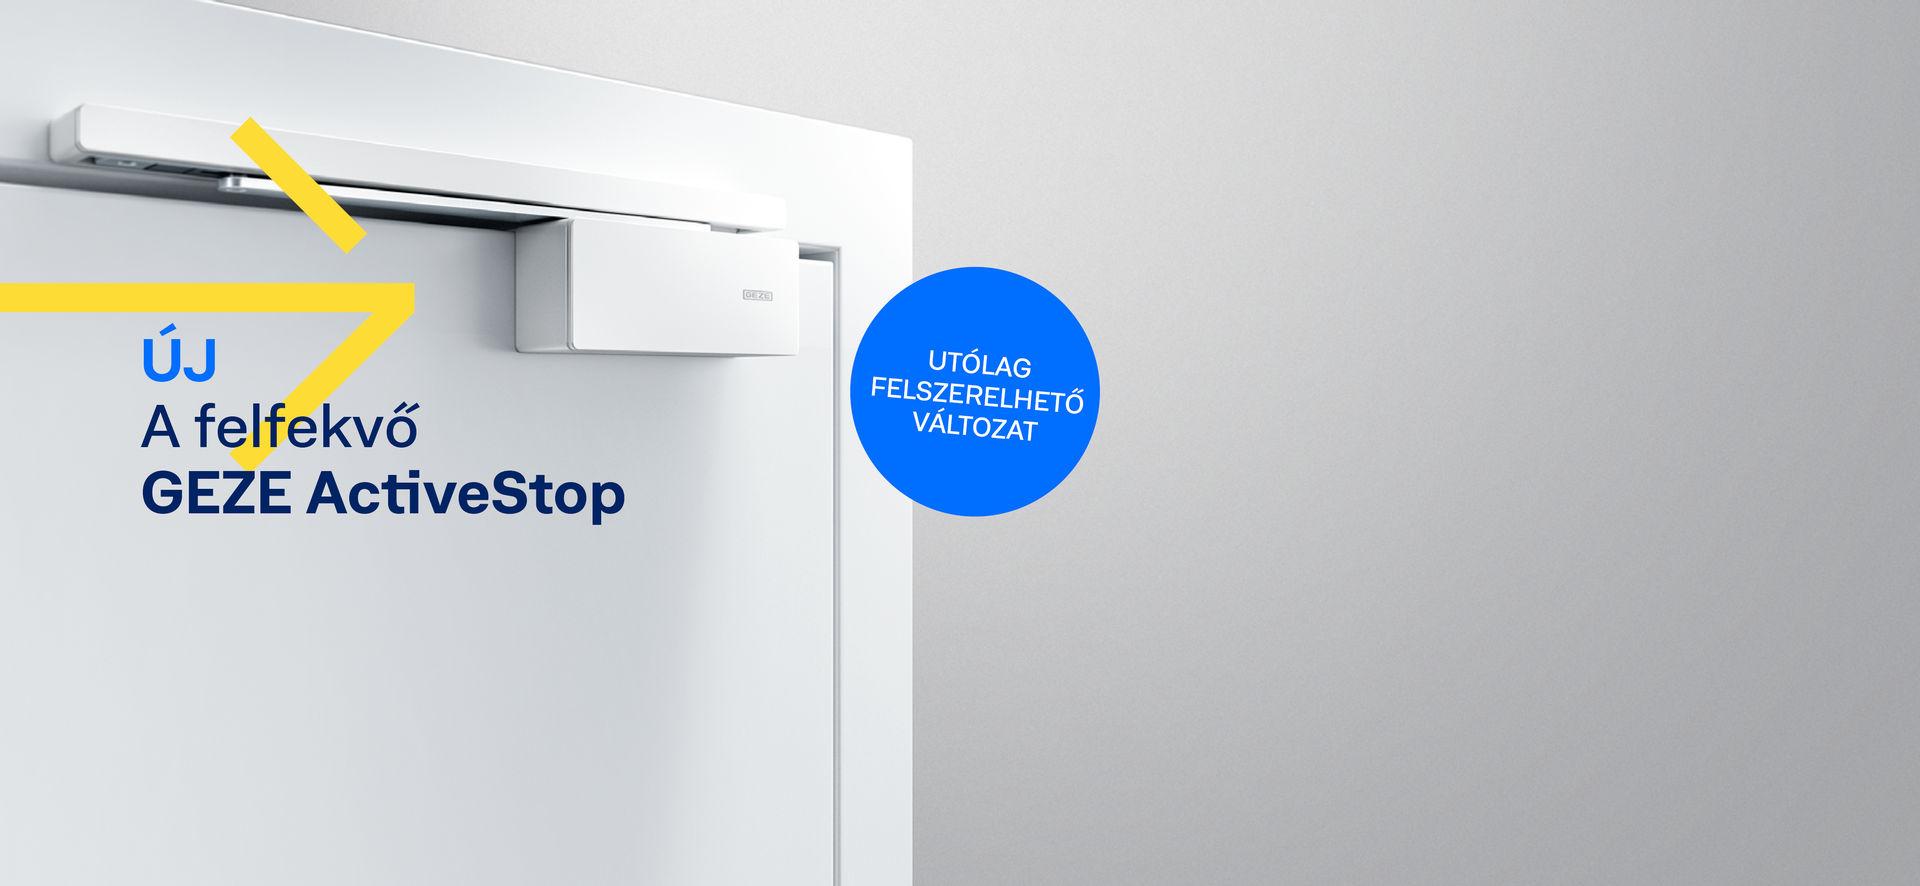 A GEZE ActiveStop lágyan megállítja, halkan csukja és kényelmesen nyitva tartja az ajtókat. A jól bevált, integrált változat mellett mostantól egyszerűen, utólagosan felszerelhető, felfekvő változatban is kapható.